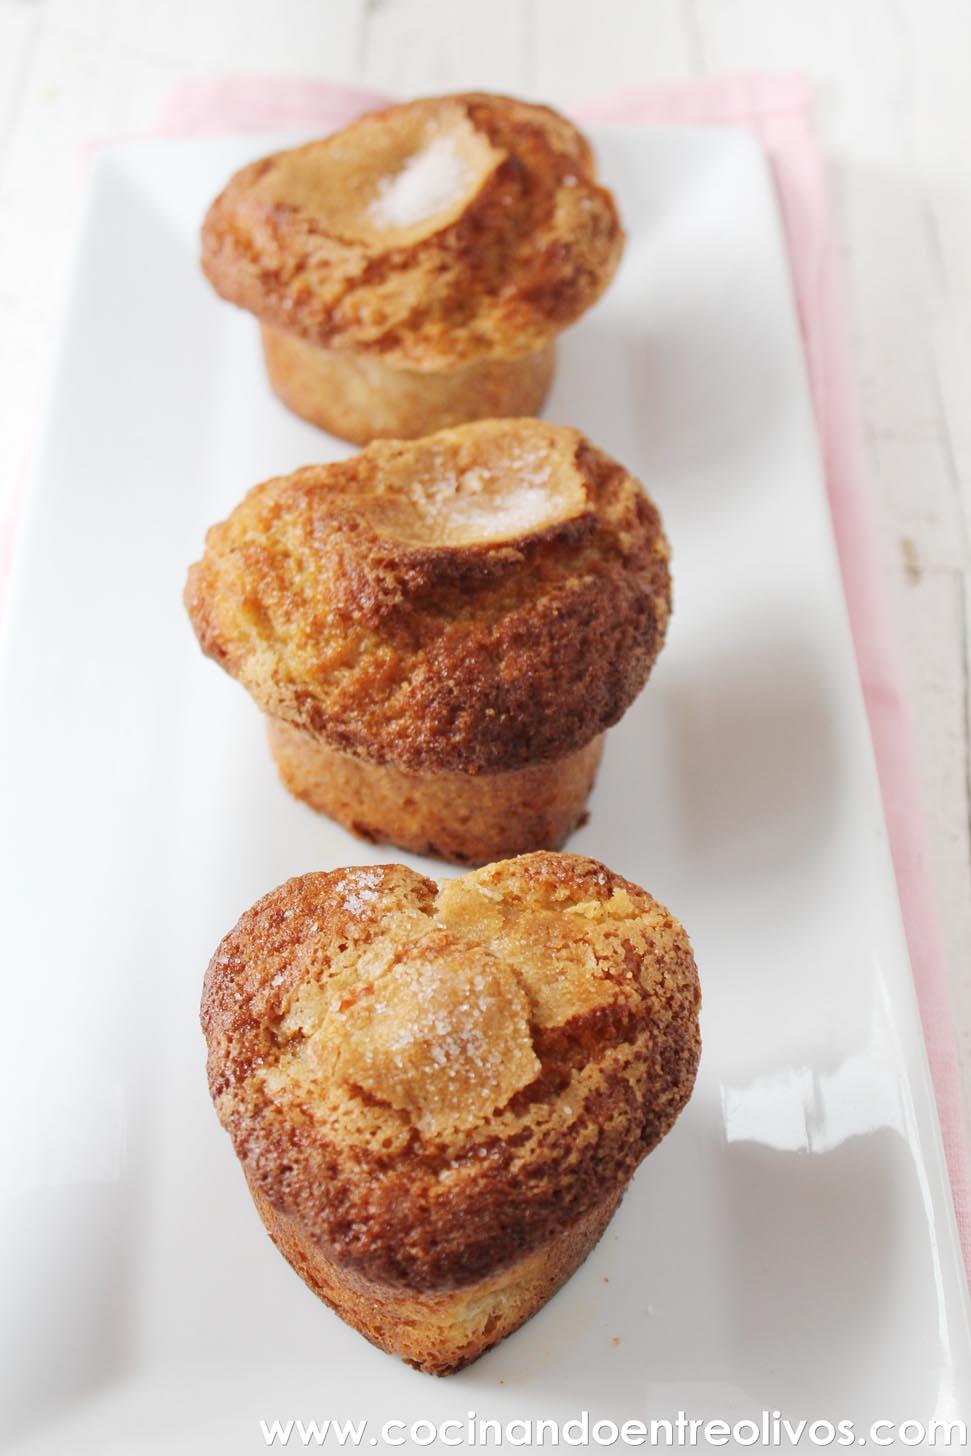 Cocinando entre olivos muffins de peras receta paso a paso for Cocinando entre olivos